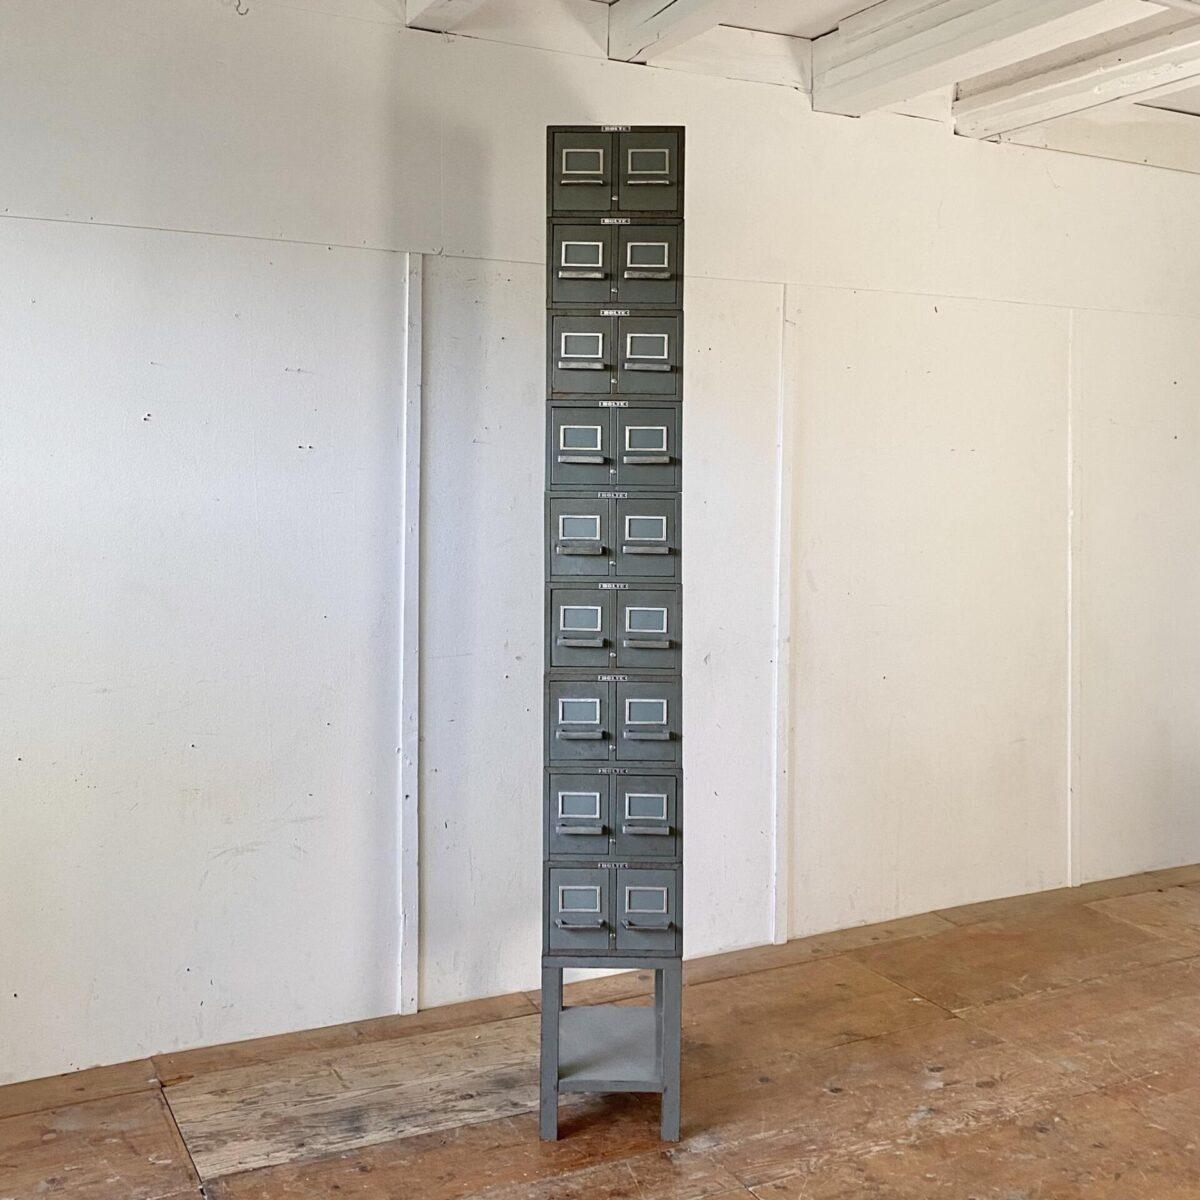 Deuxieme.shop Industrial design Schubladenmöbel. Bolte Industrie Schubladen Elemente aus Metall. 31x43cm Höhe 20.5cm. Die Höhe des Sockel Element ist 40cm. Das stapelbare System hält gut zusammen, hinten wird das abgekantete Blech eingehängt, und vorne verhindern die Scheiben das verrutschen. Die Schubladen, mit Etikettenrahmen, laufen gut. Insgesamt sind 12 Schubladenkorpusse vorhanden. Der Preis gilt für alle zusammen.